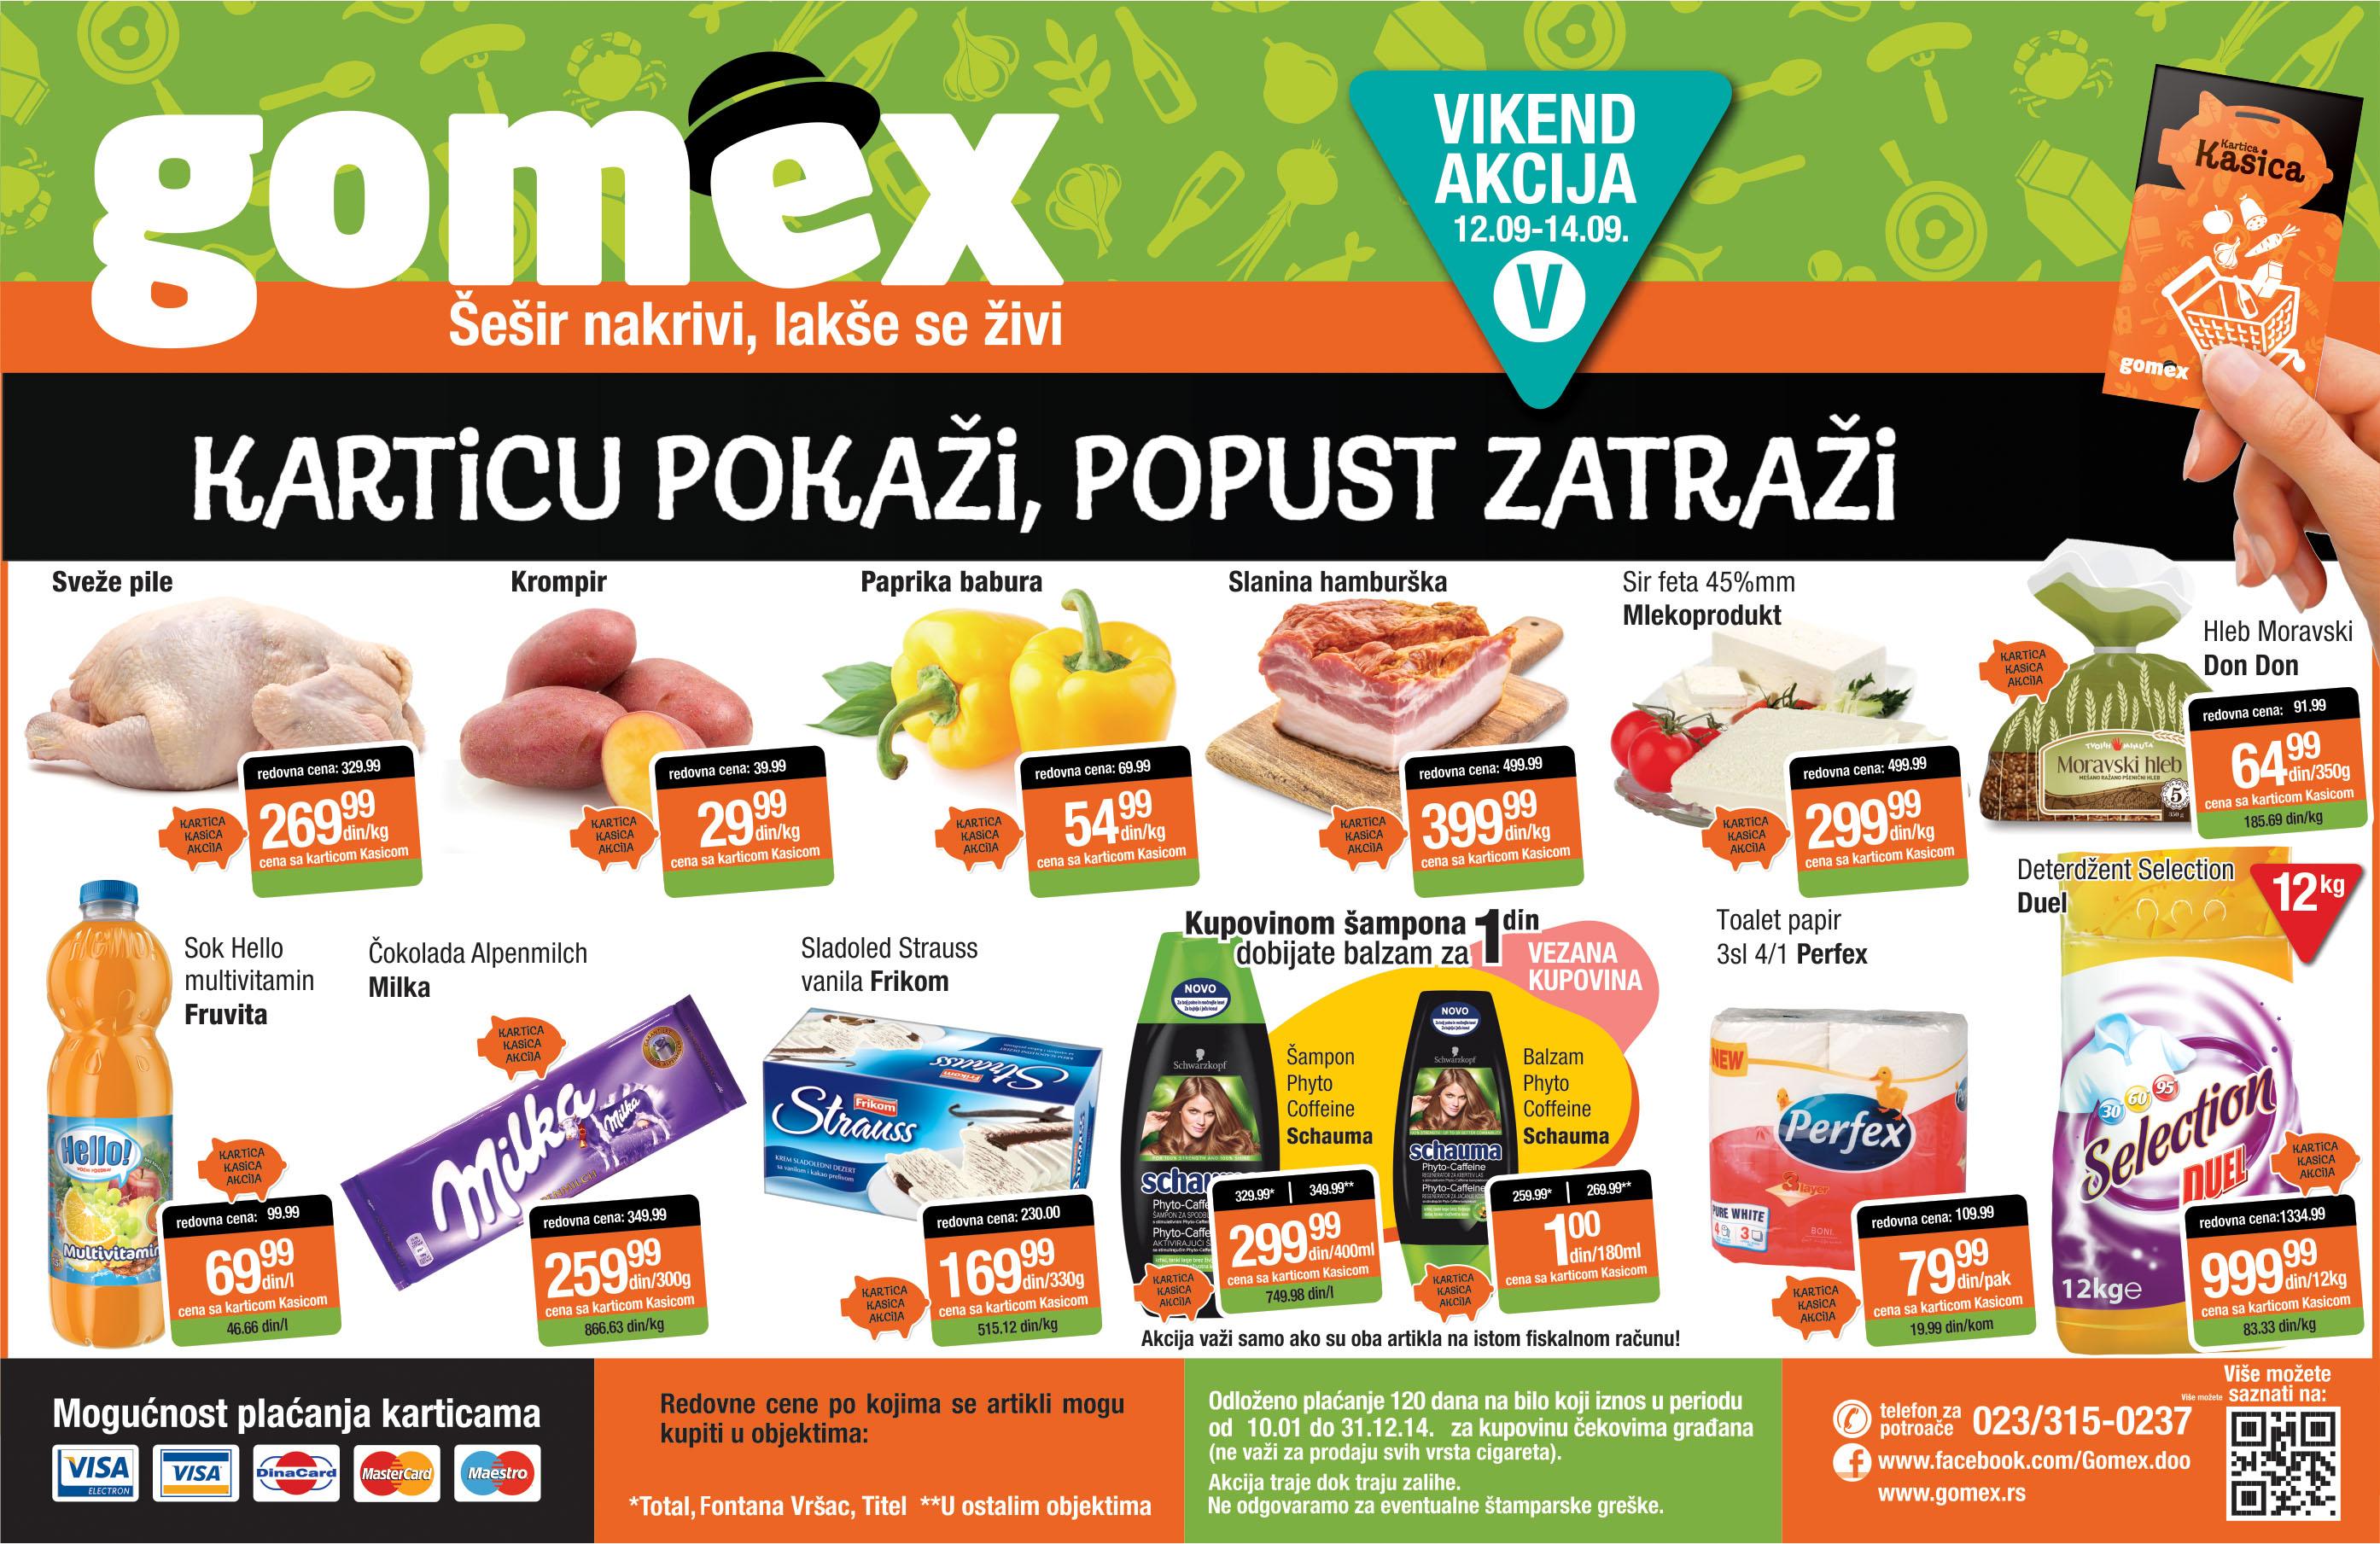 Gomex akcija vikend dobrih cena za vas